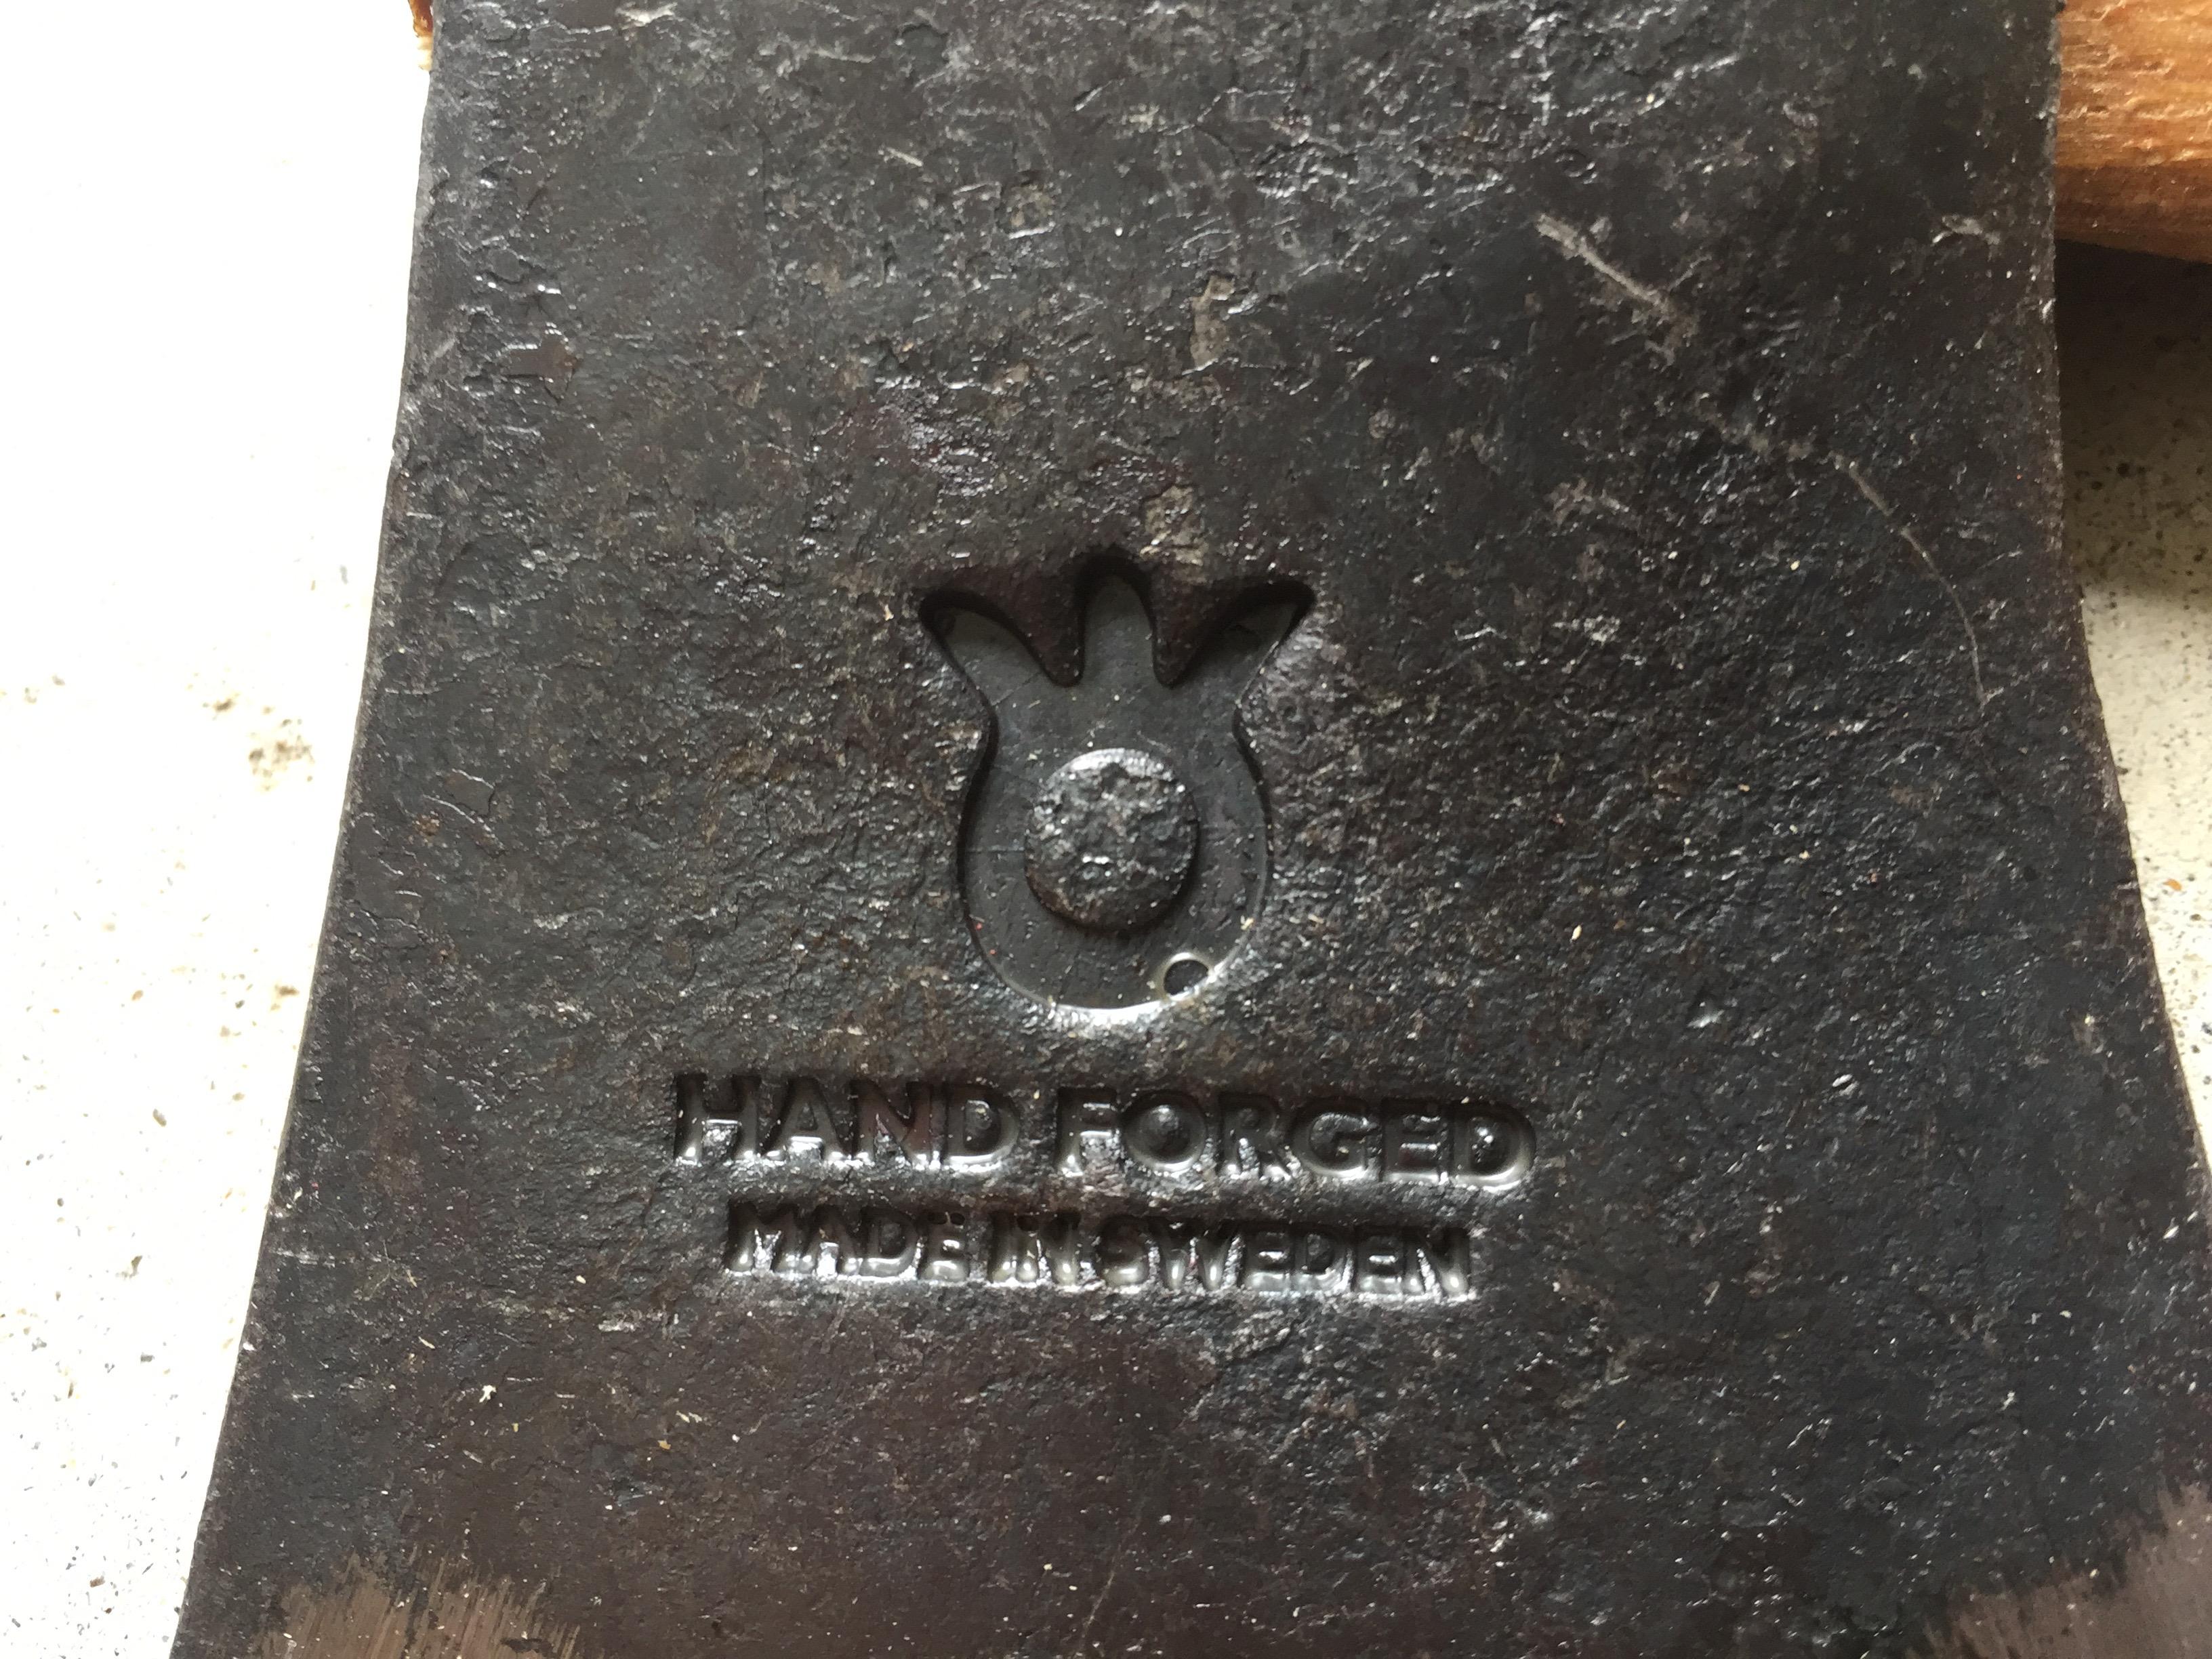 ハスクバーナの手斧のアップ(刻印)